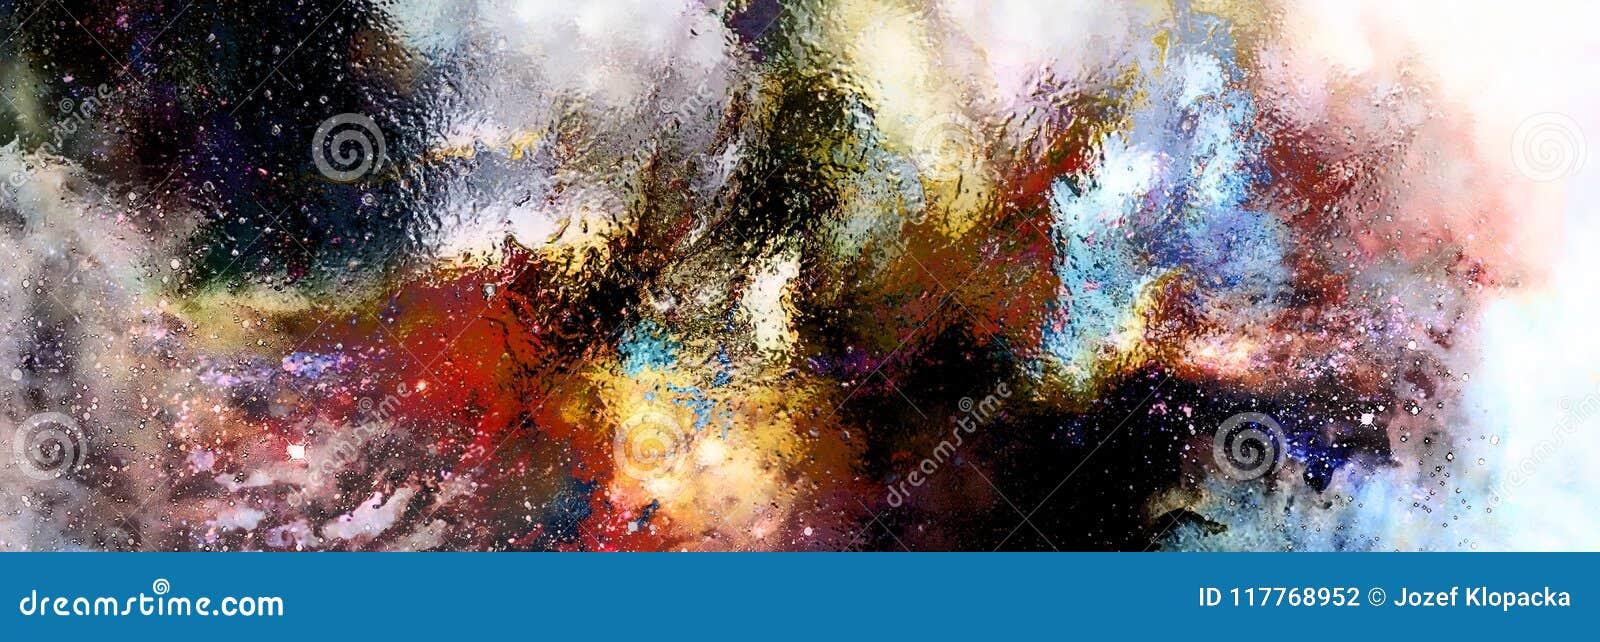 Kosmiskt utrymme och stjärnor, kosmisk abstrakt bakgrund och exponeringsglaseffekt